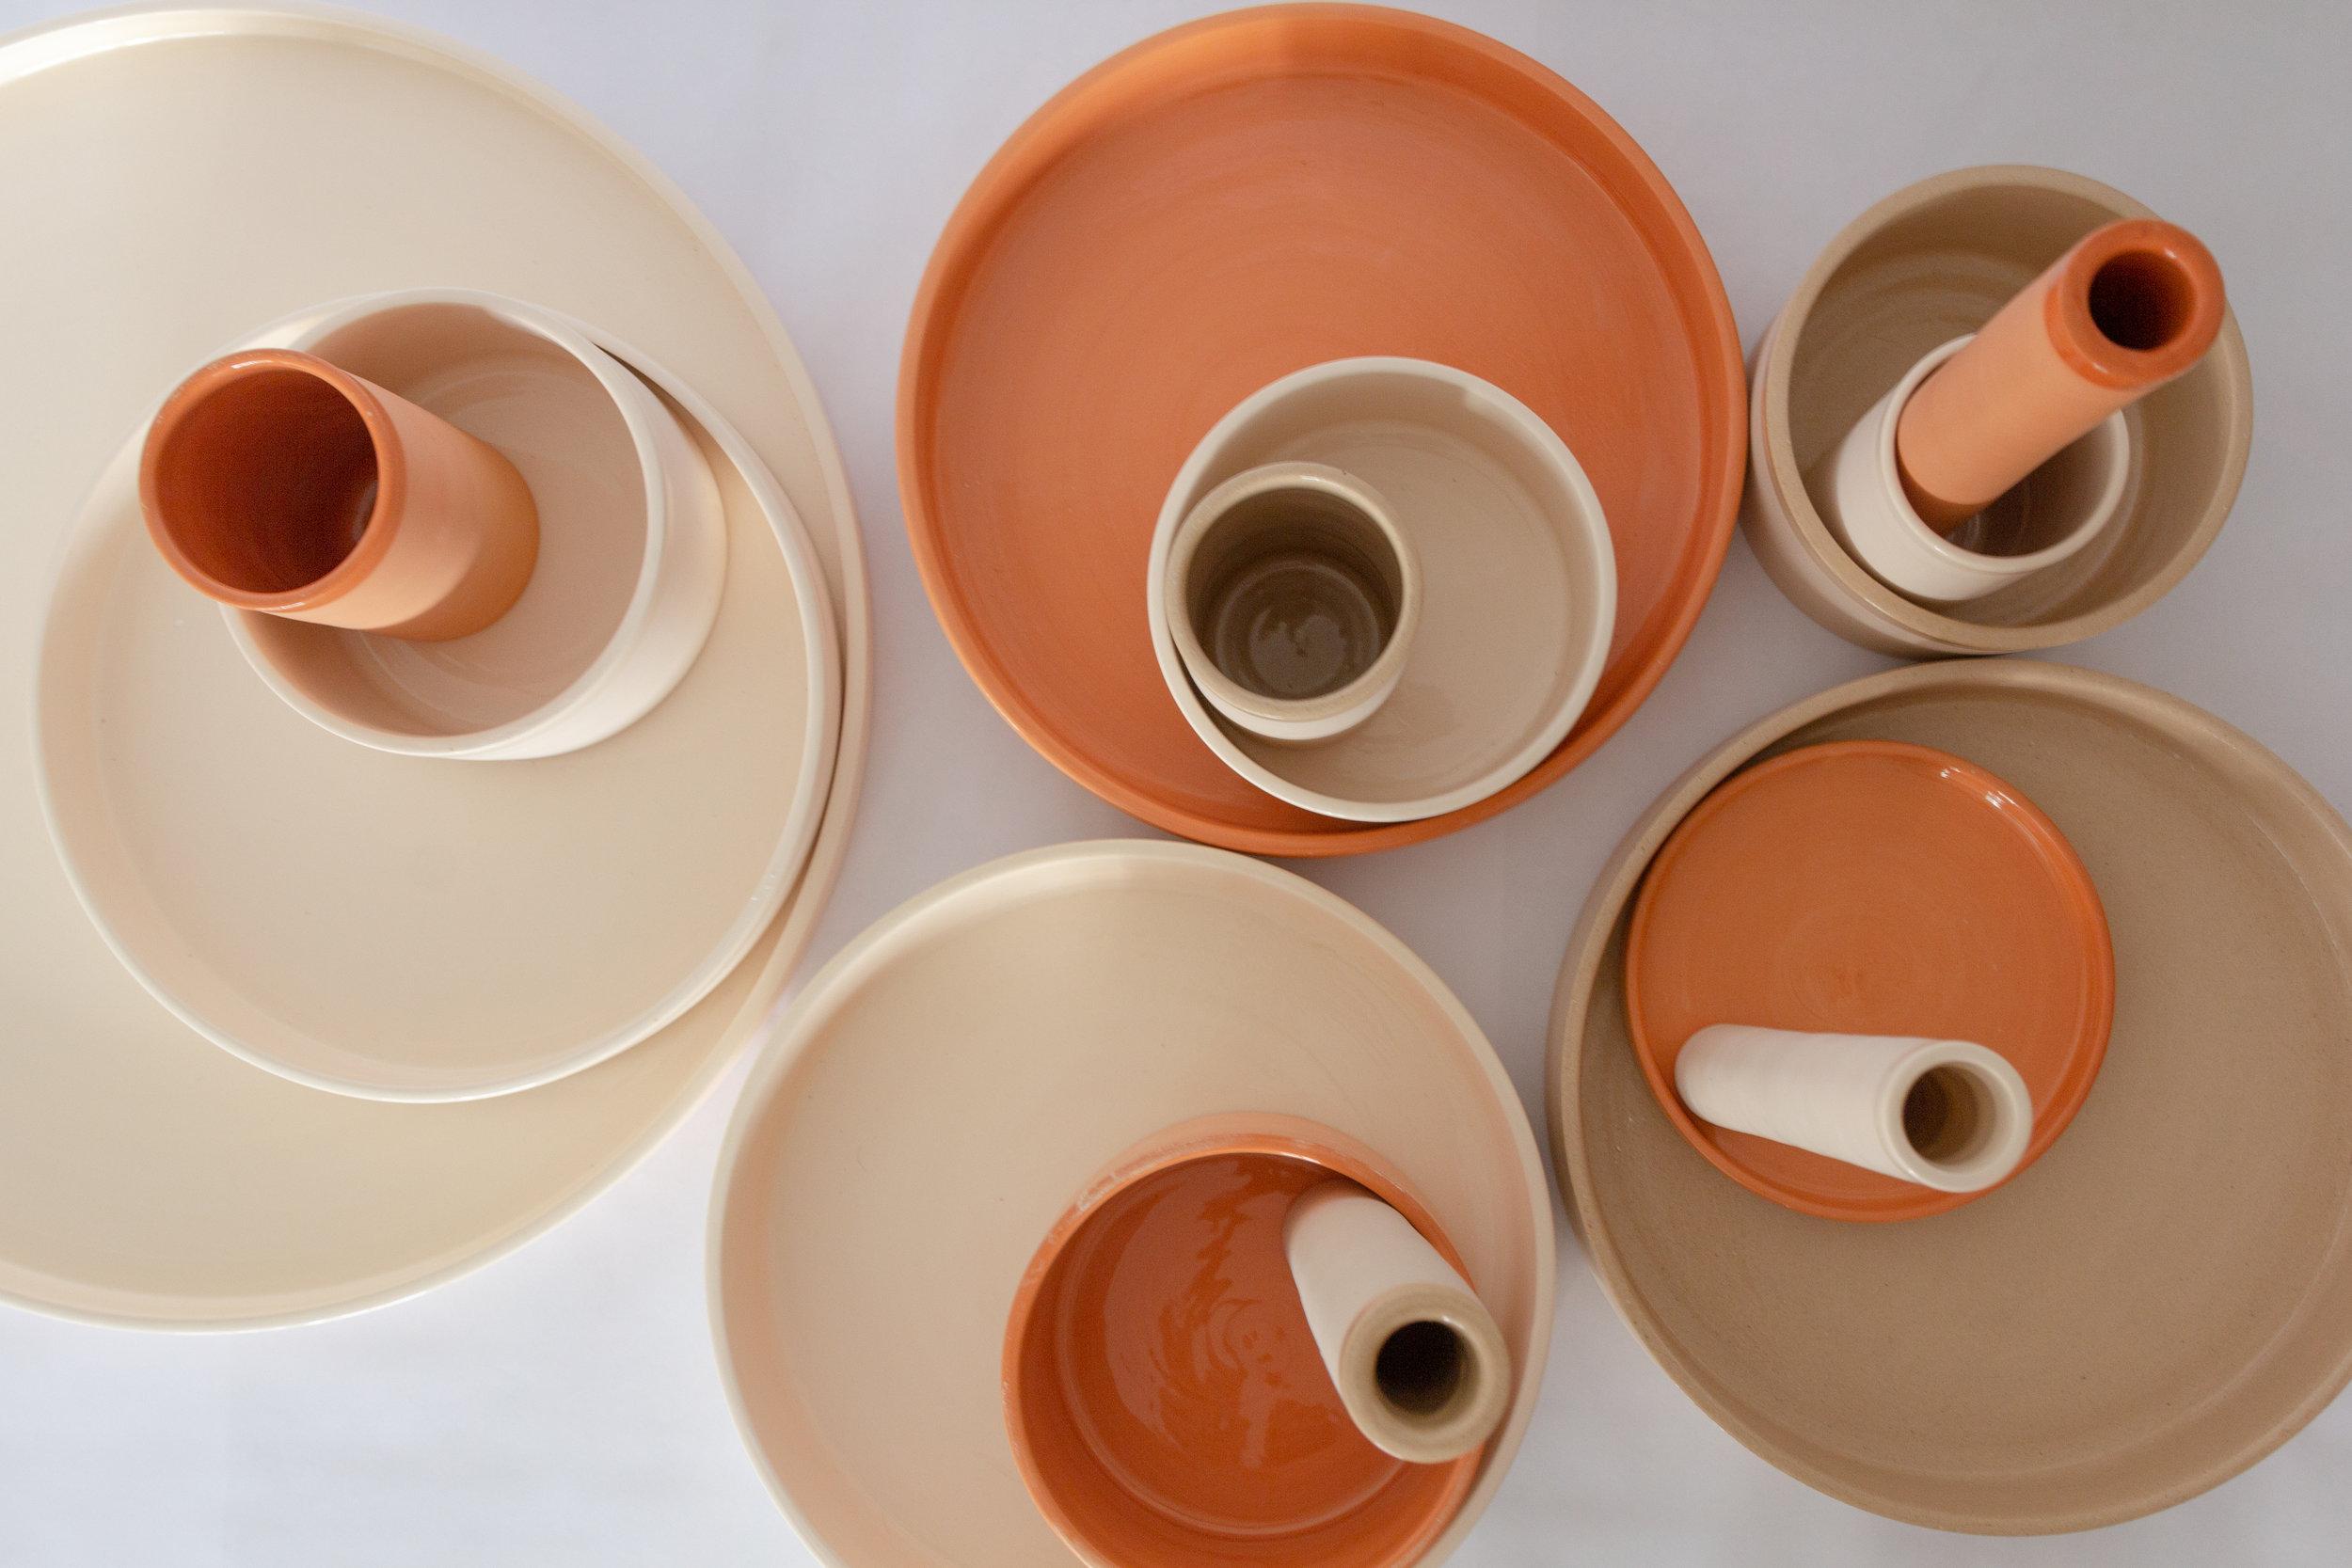 detalhe superior coleção Aterrário - vasos de cerâmica - Aterrario colection superior view - pottery vases